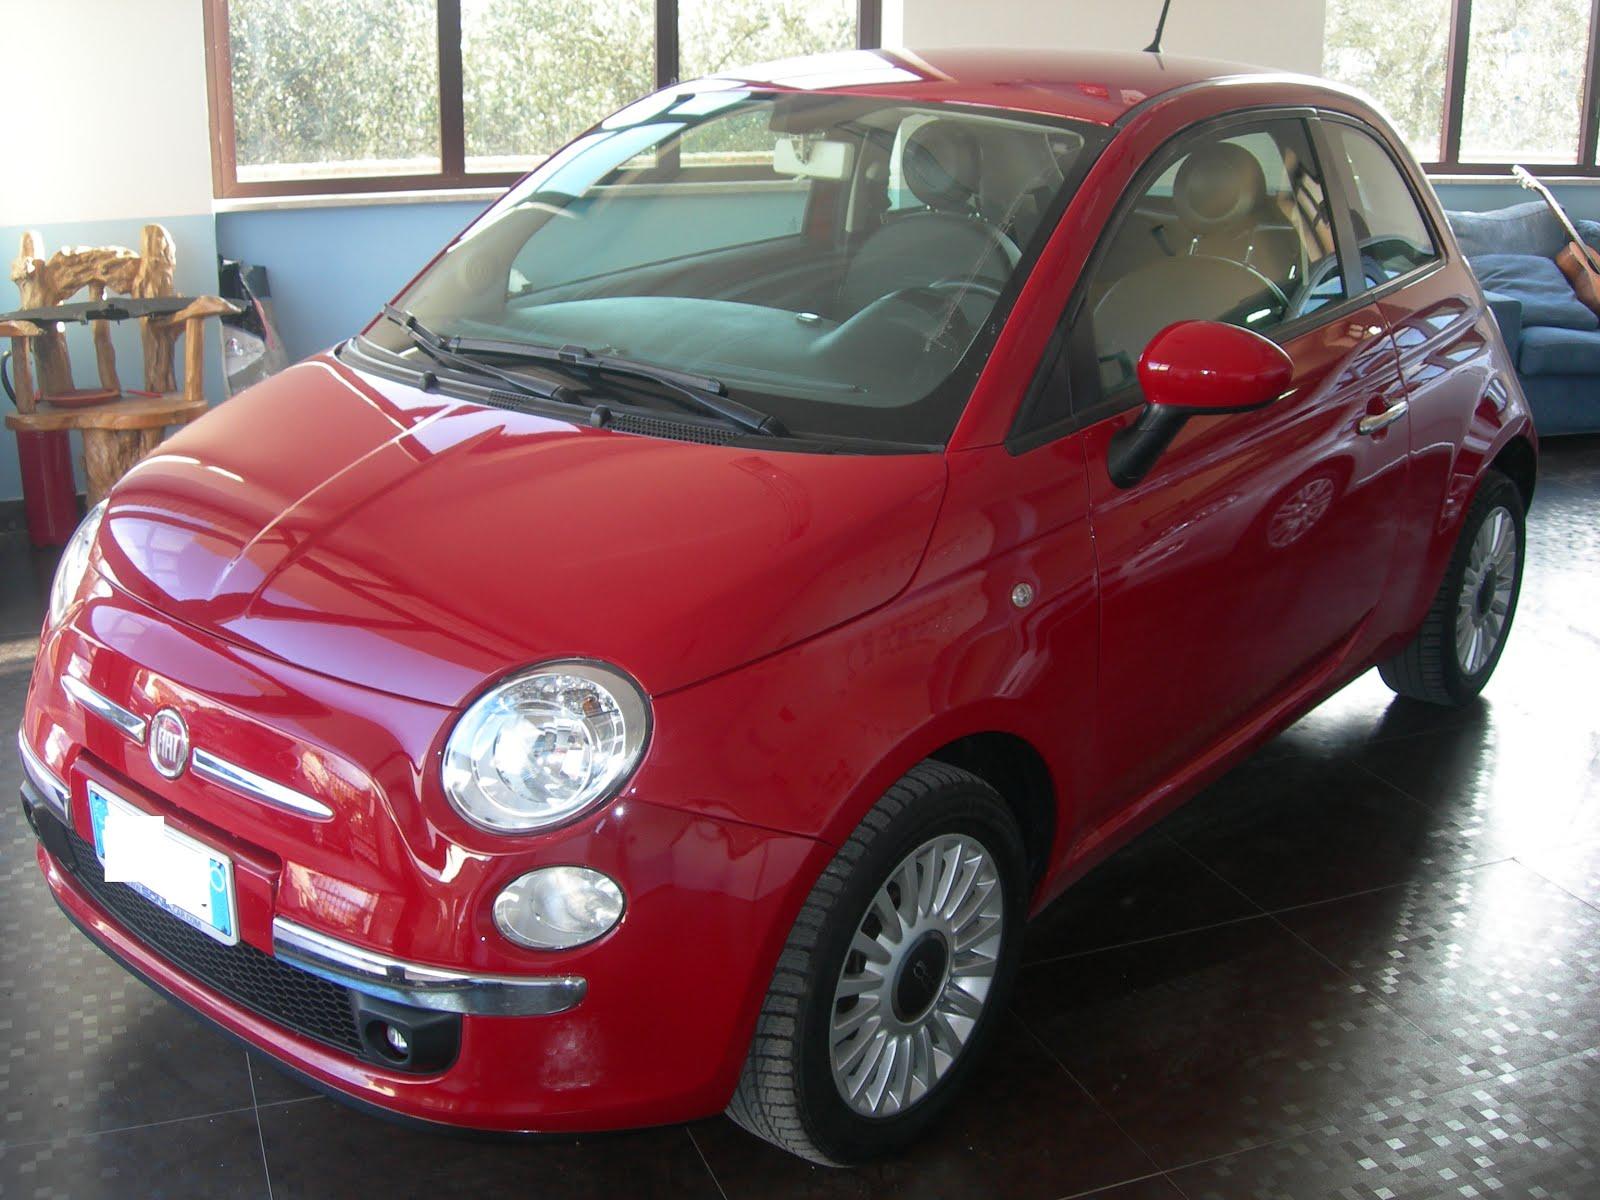 FIAT 500 1.2 70 CV MODELLO POP CON CERCHI IN LEGA-COMANDI AL VOLANTE-PELLE- ECC. ANNO 2014 20.000KM